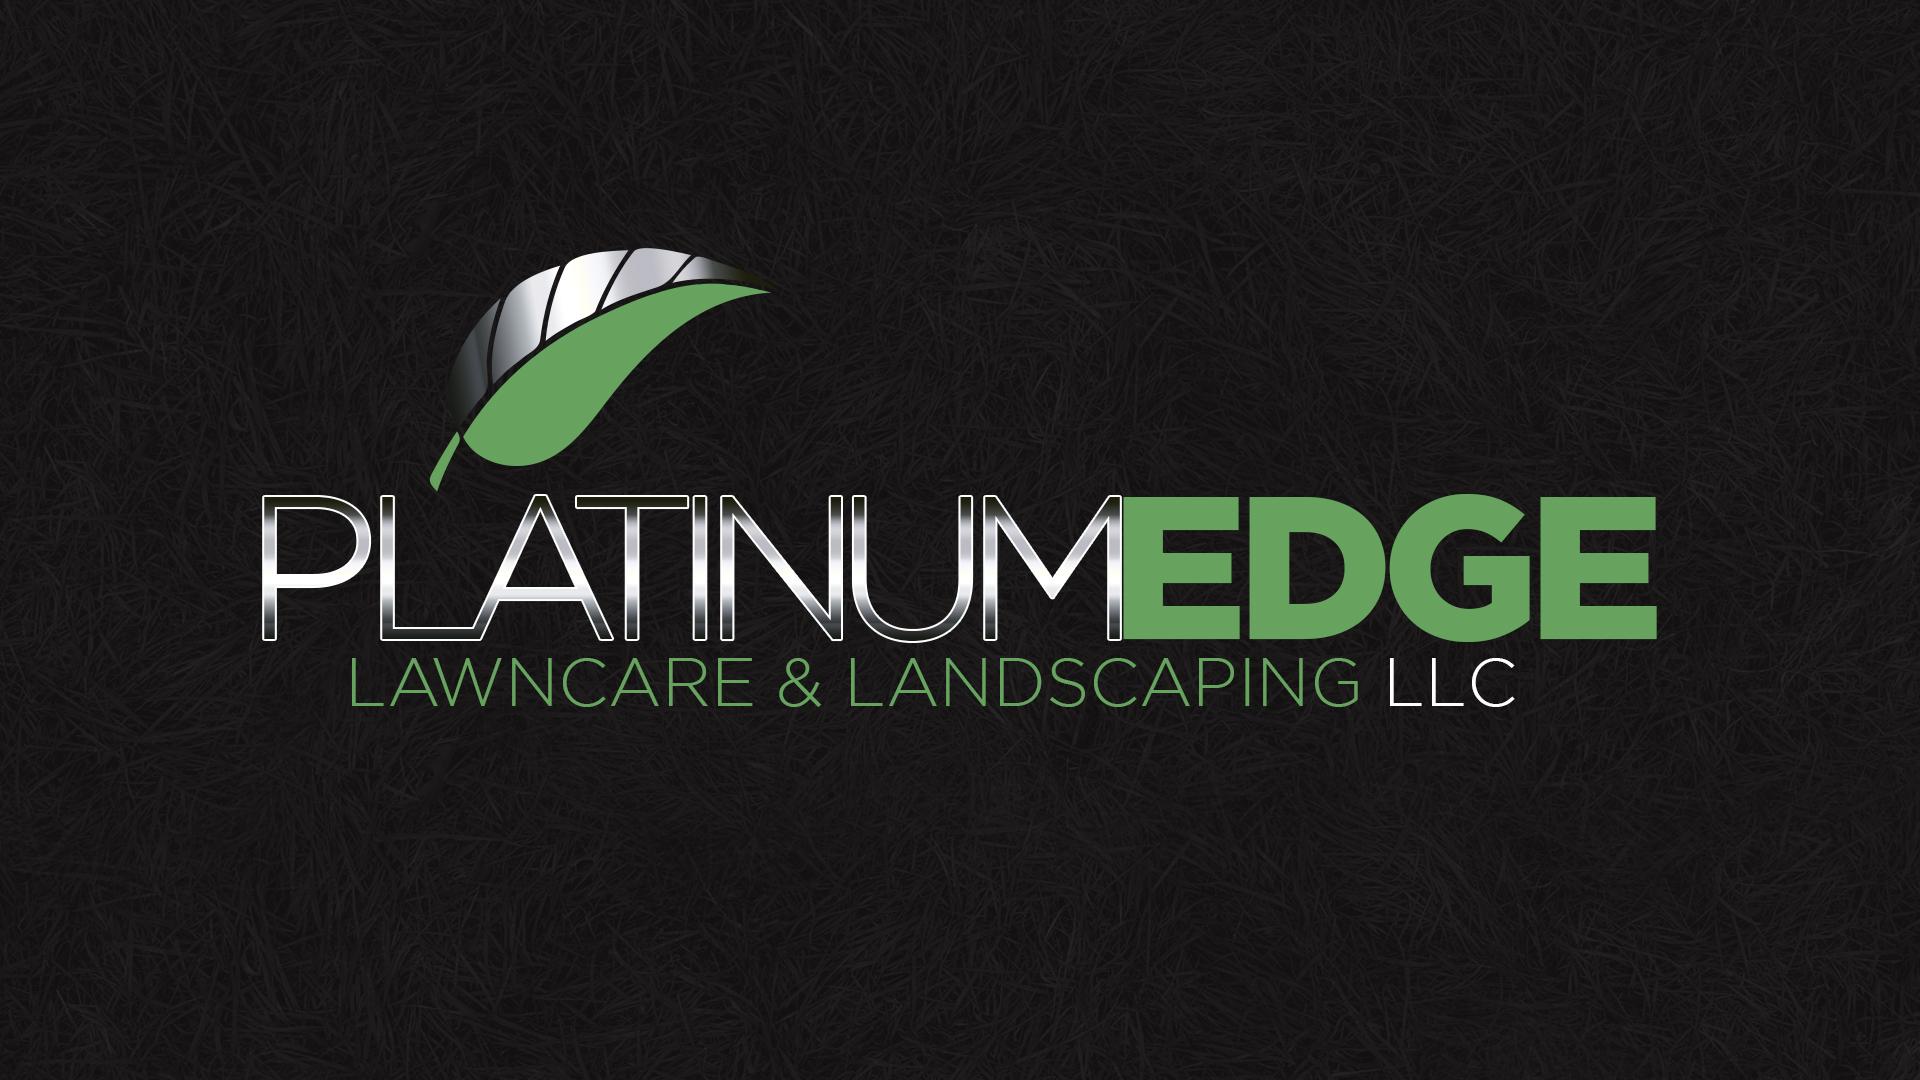 Platinum Edge Logo 2.jpg